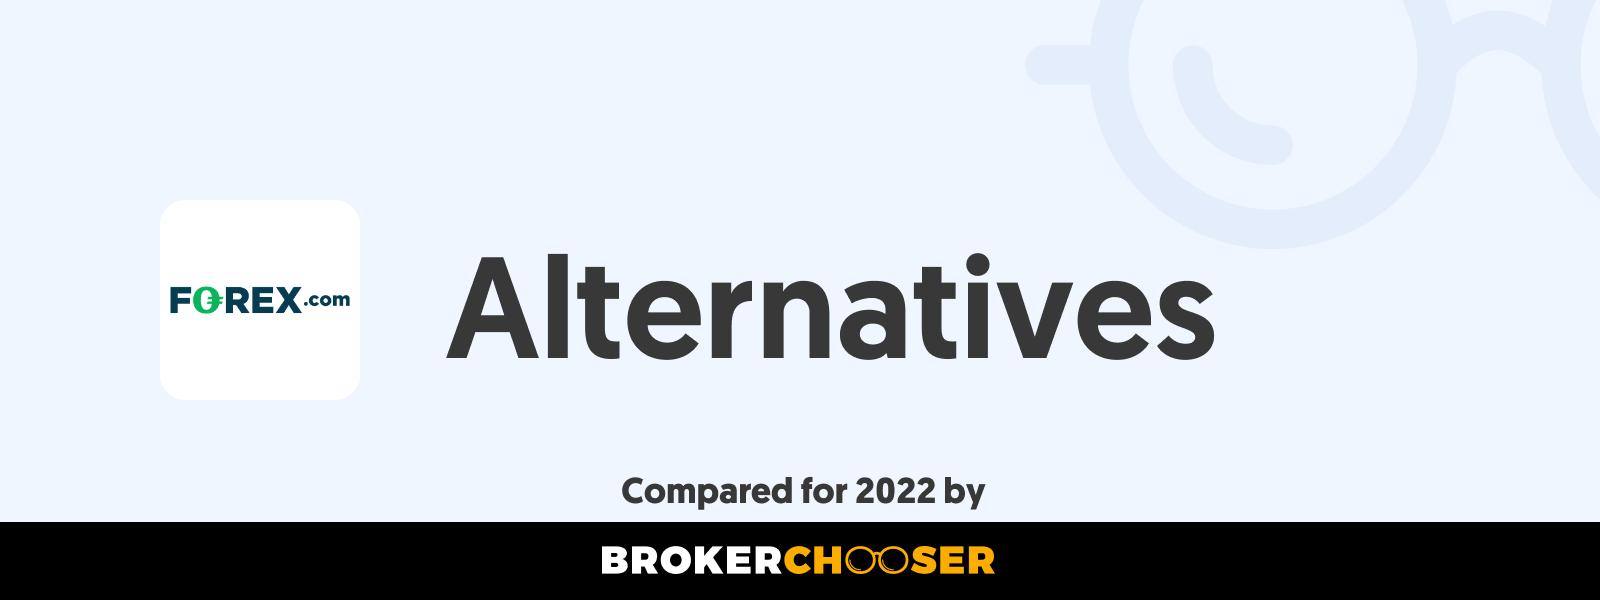 Forex.com Alternatives